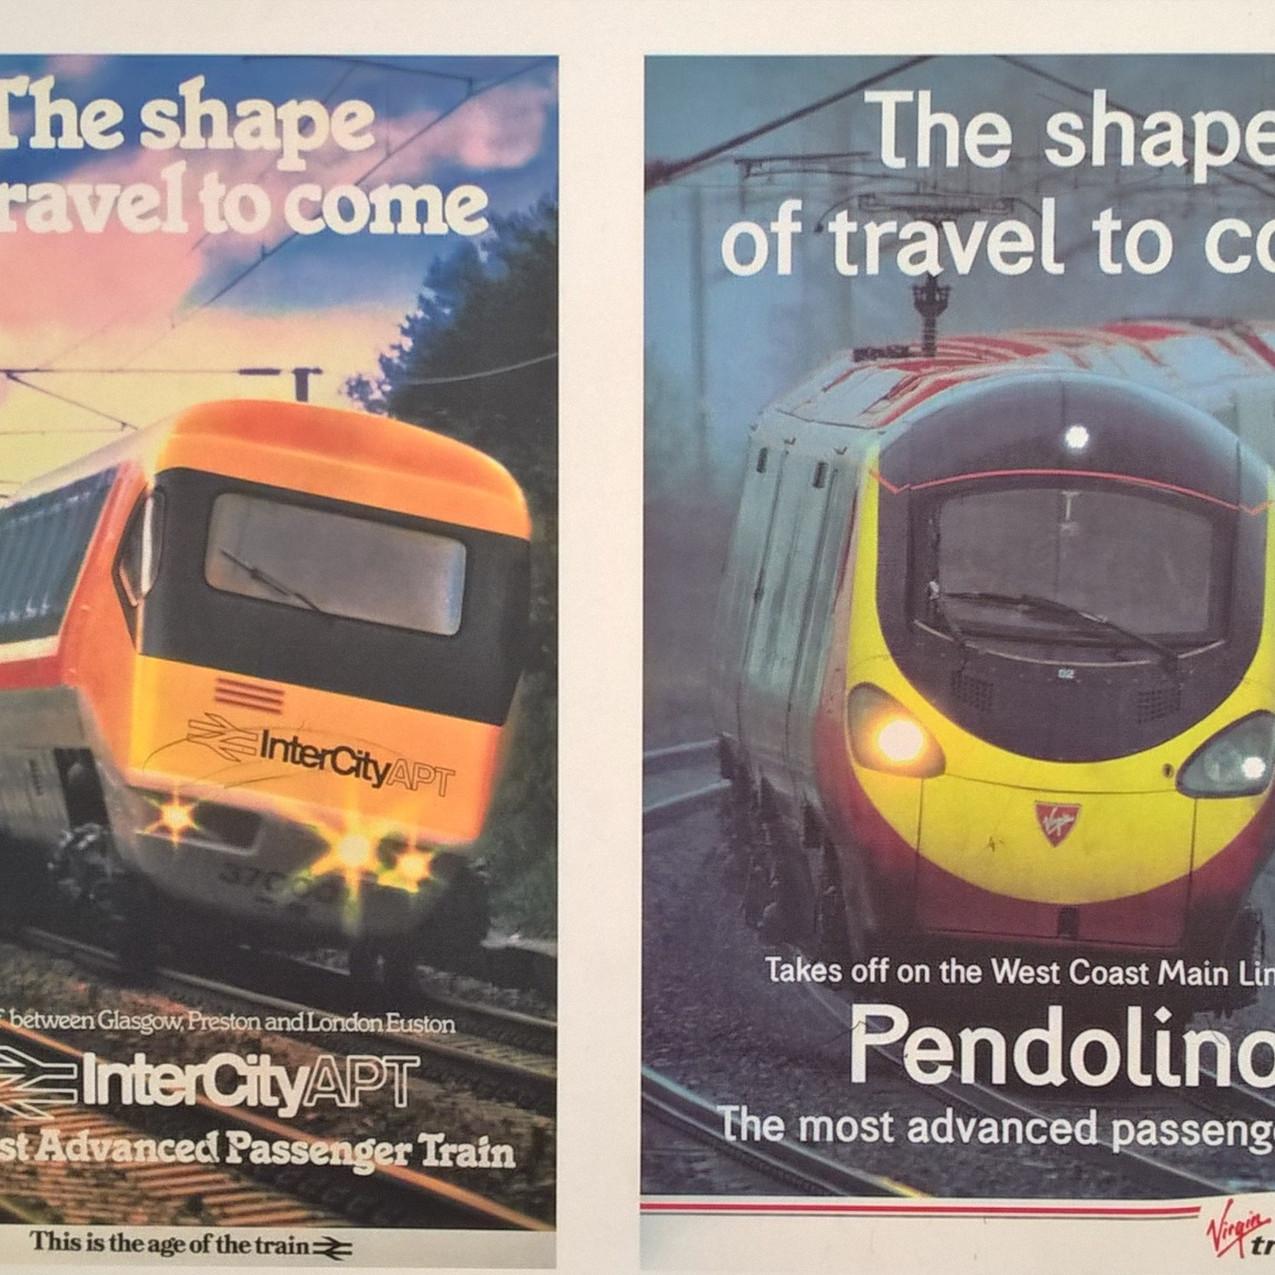 APT technology led to the Pendolino